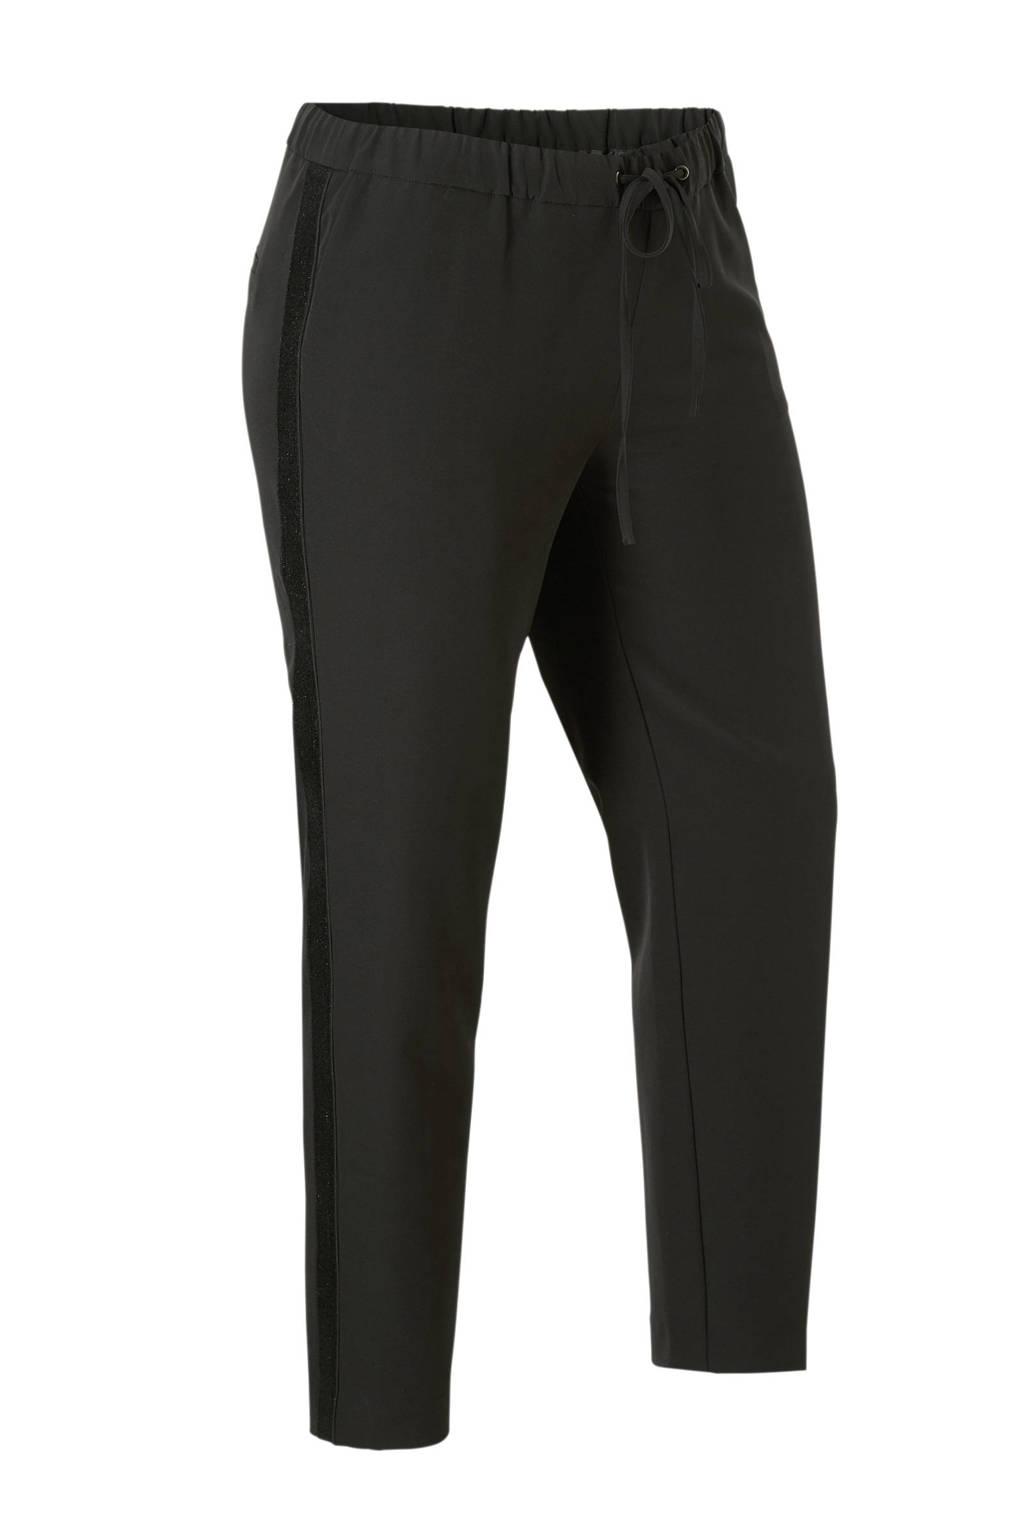 whkmp's great looks broek met glitter zijstreep (Waste2Wear), Zwart/zilverkleurige bies